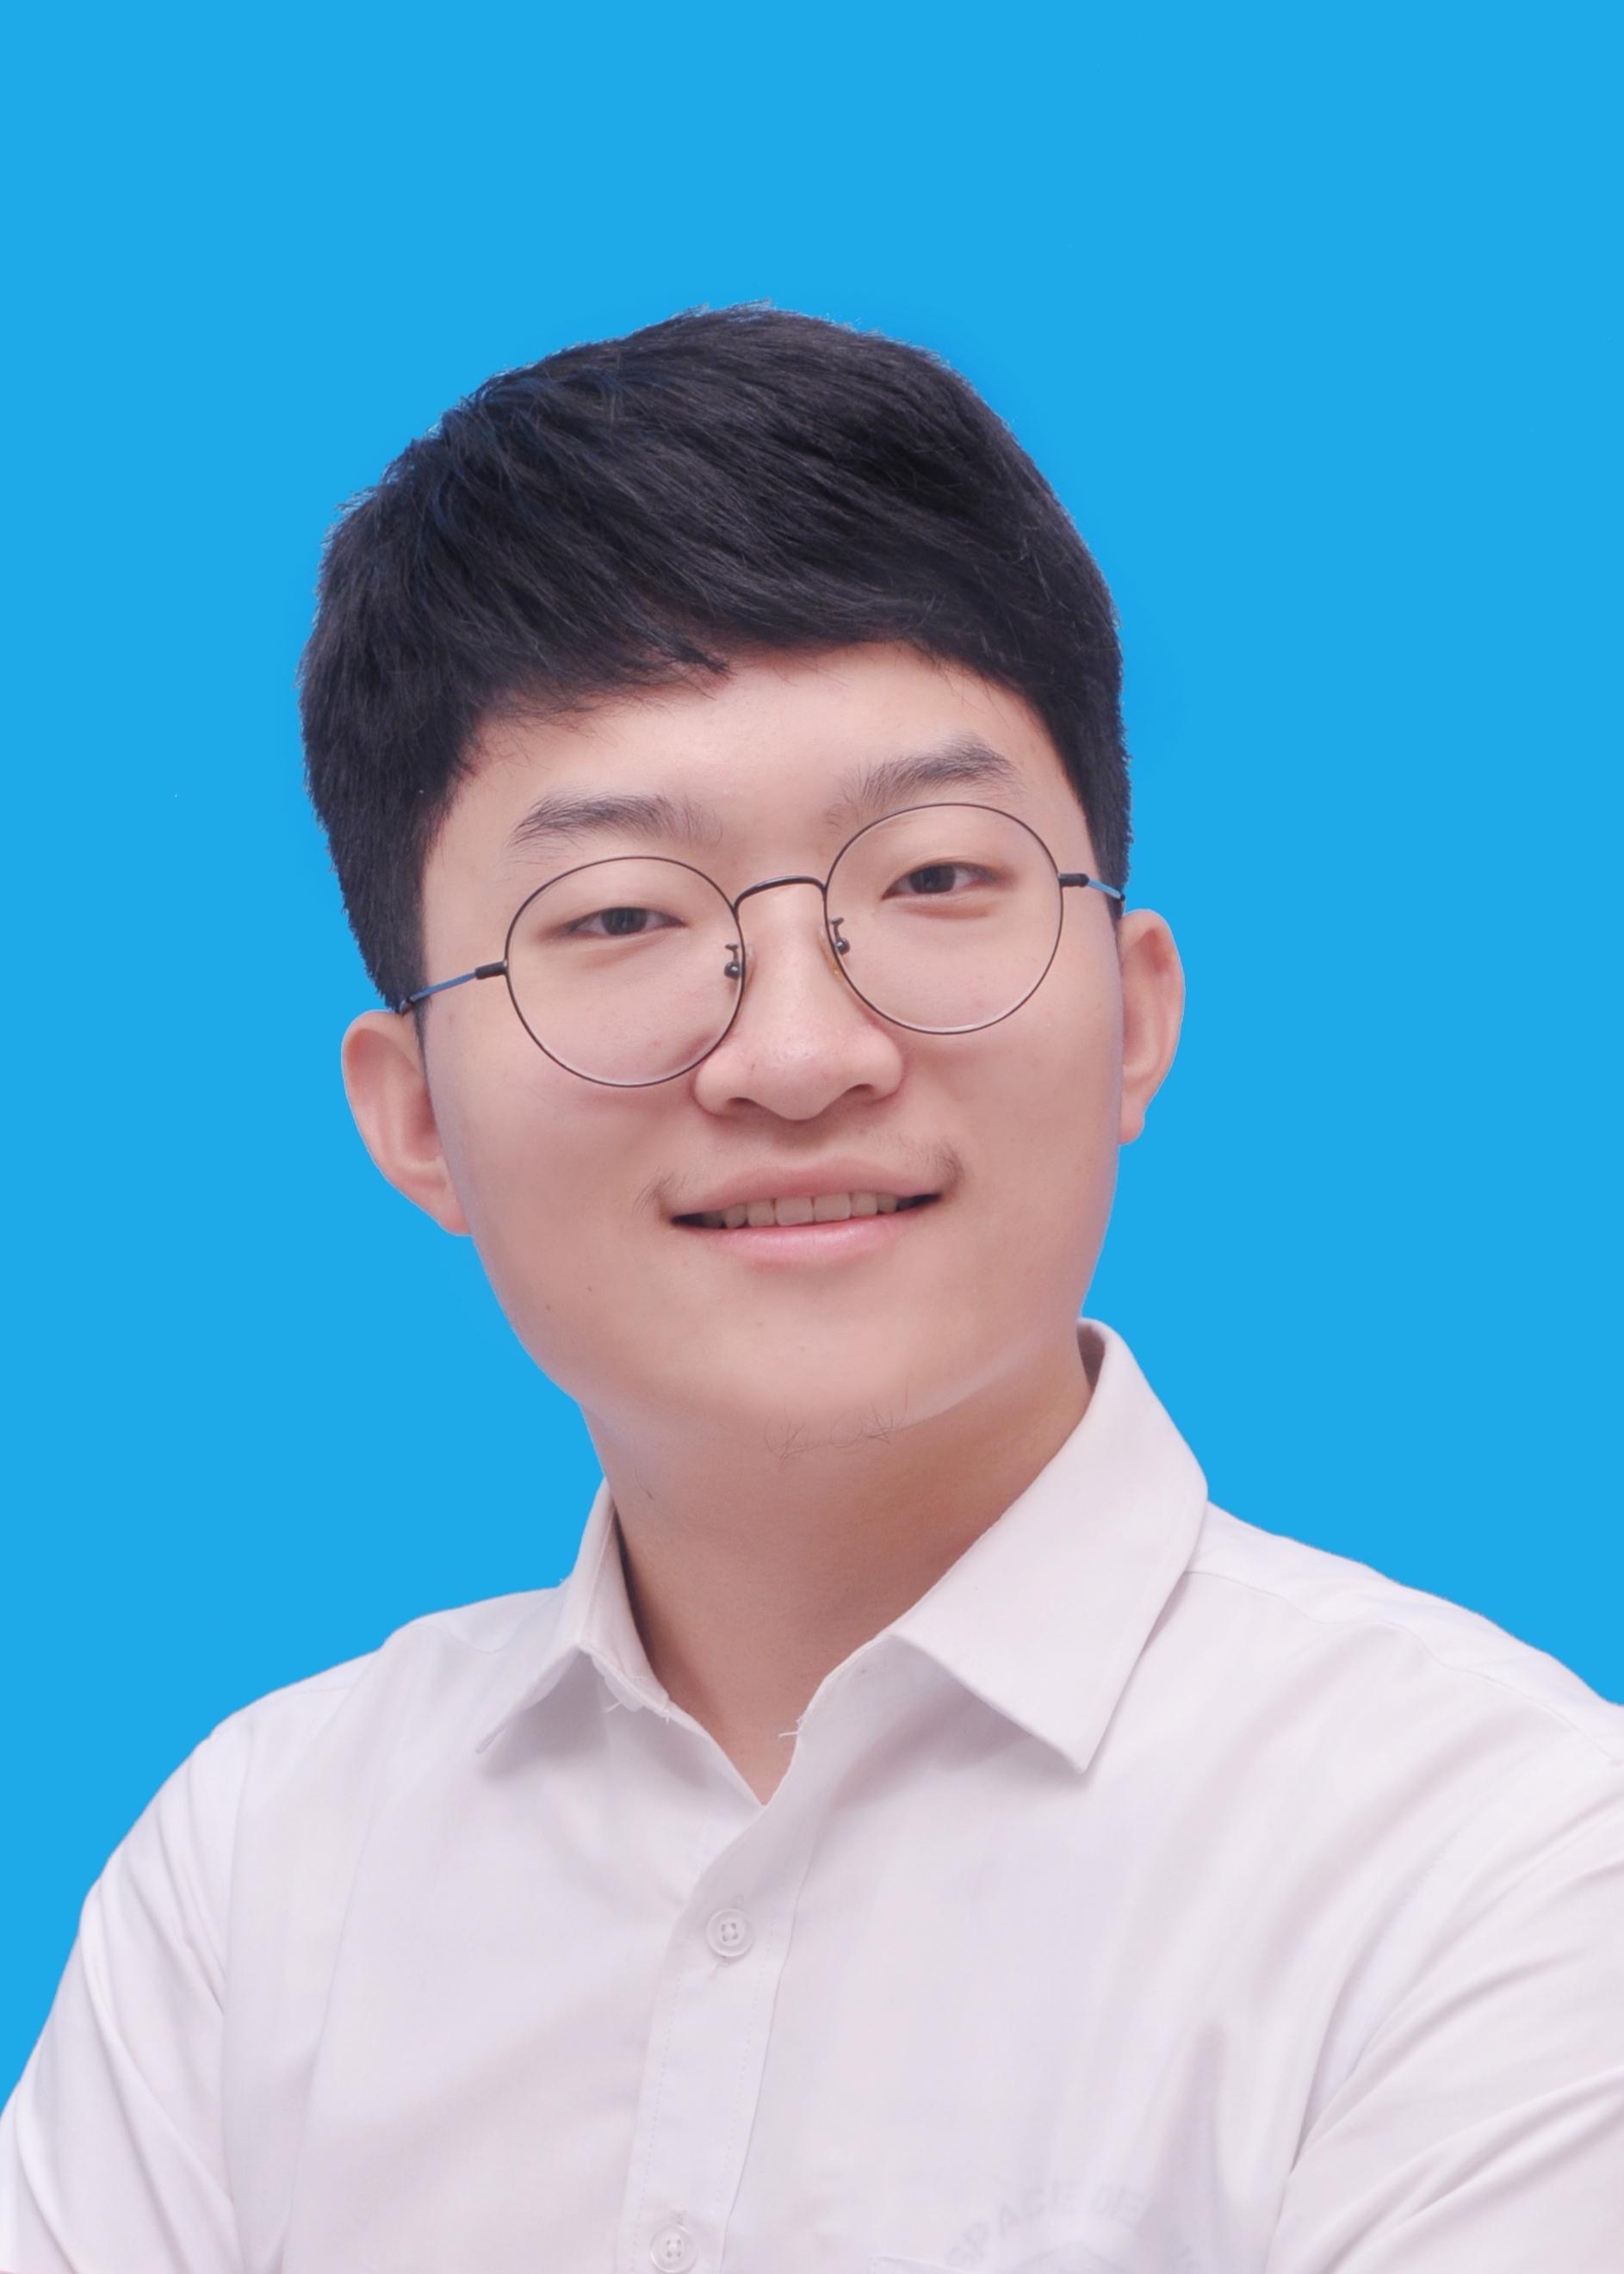 南郑家教李教员